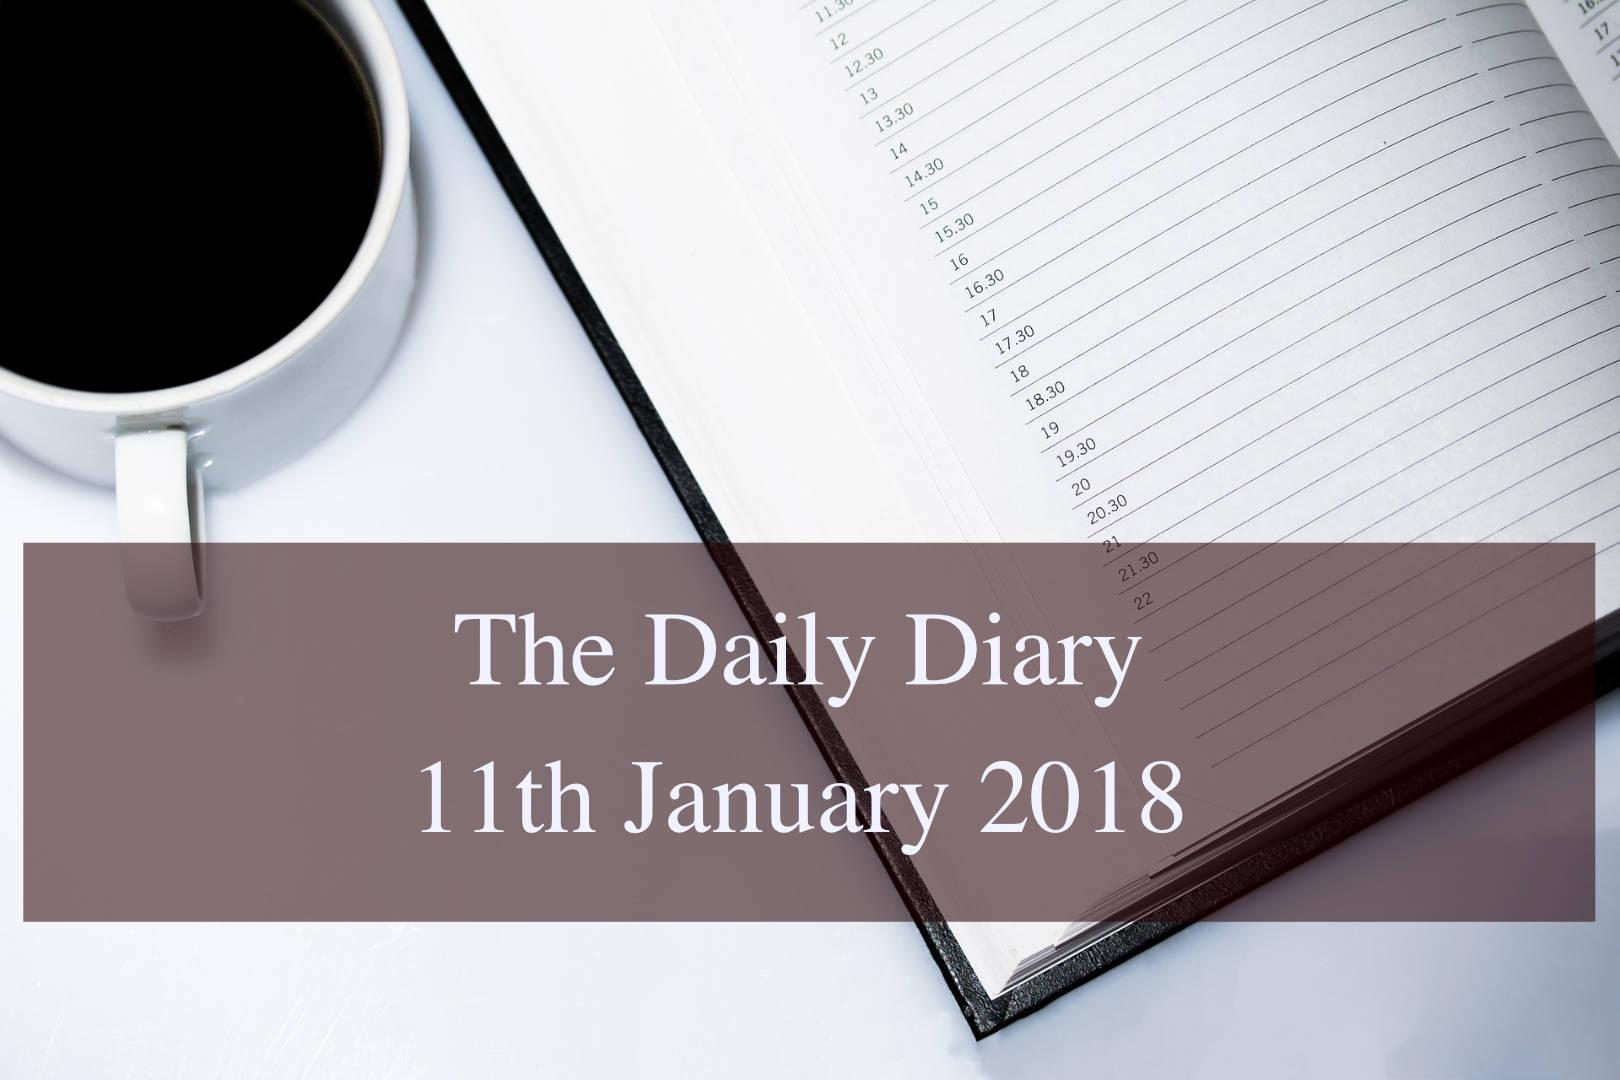 Daily Diary – 11th January 2018